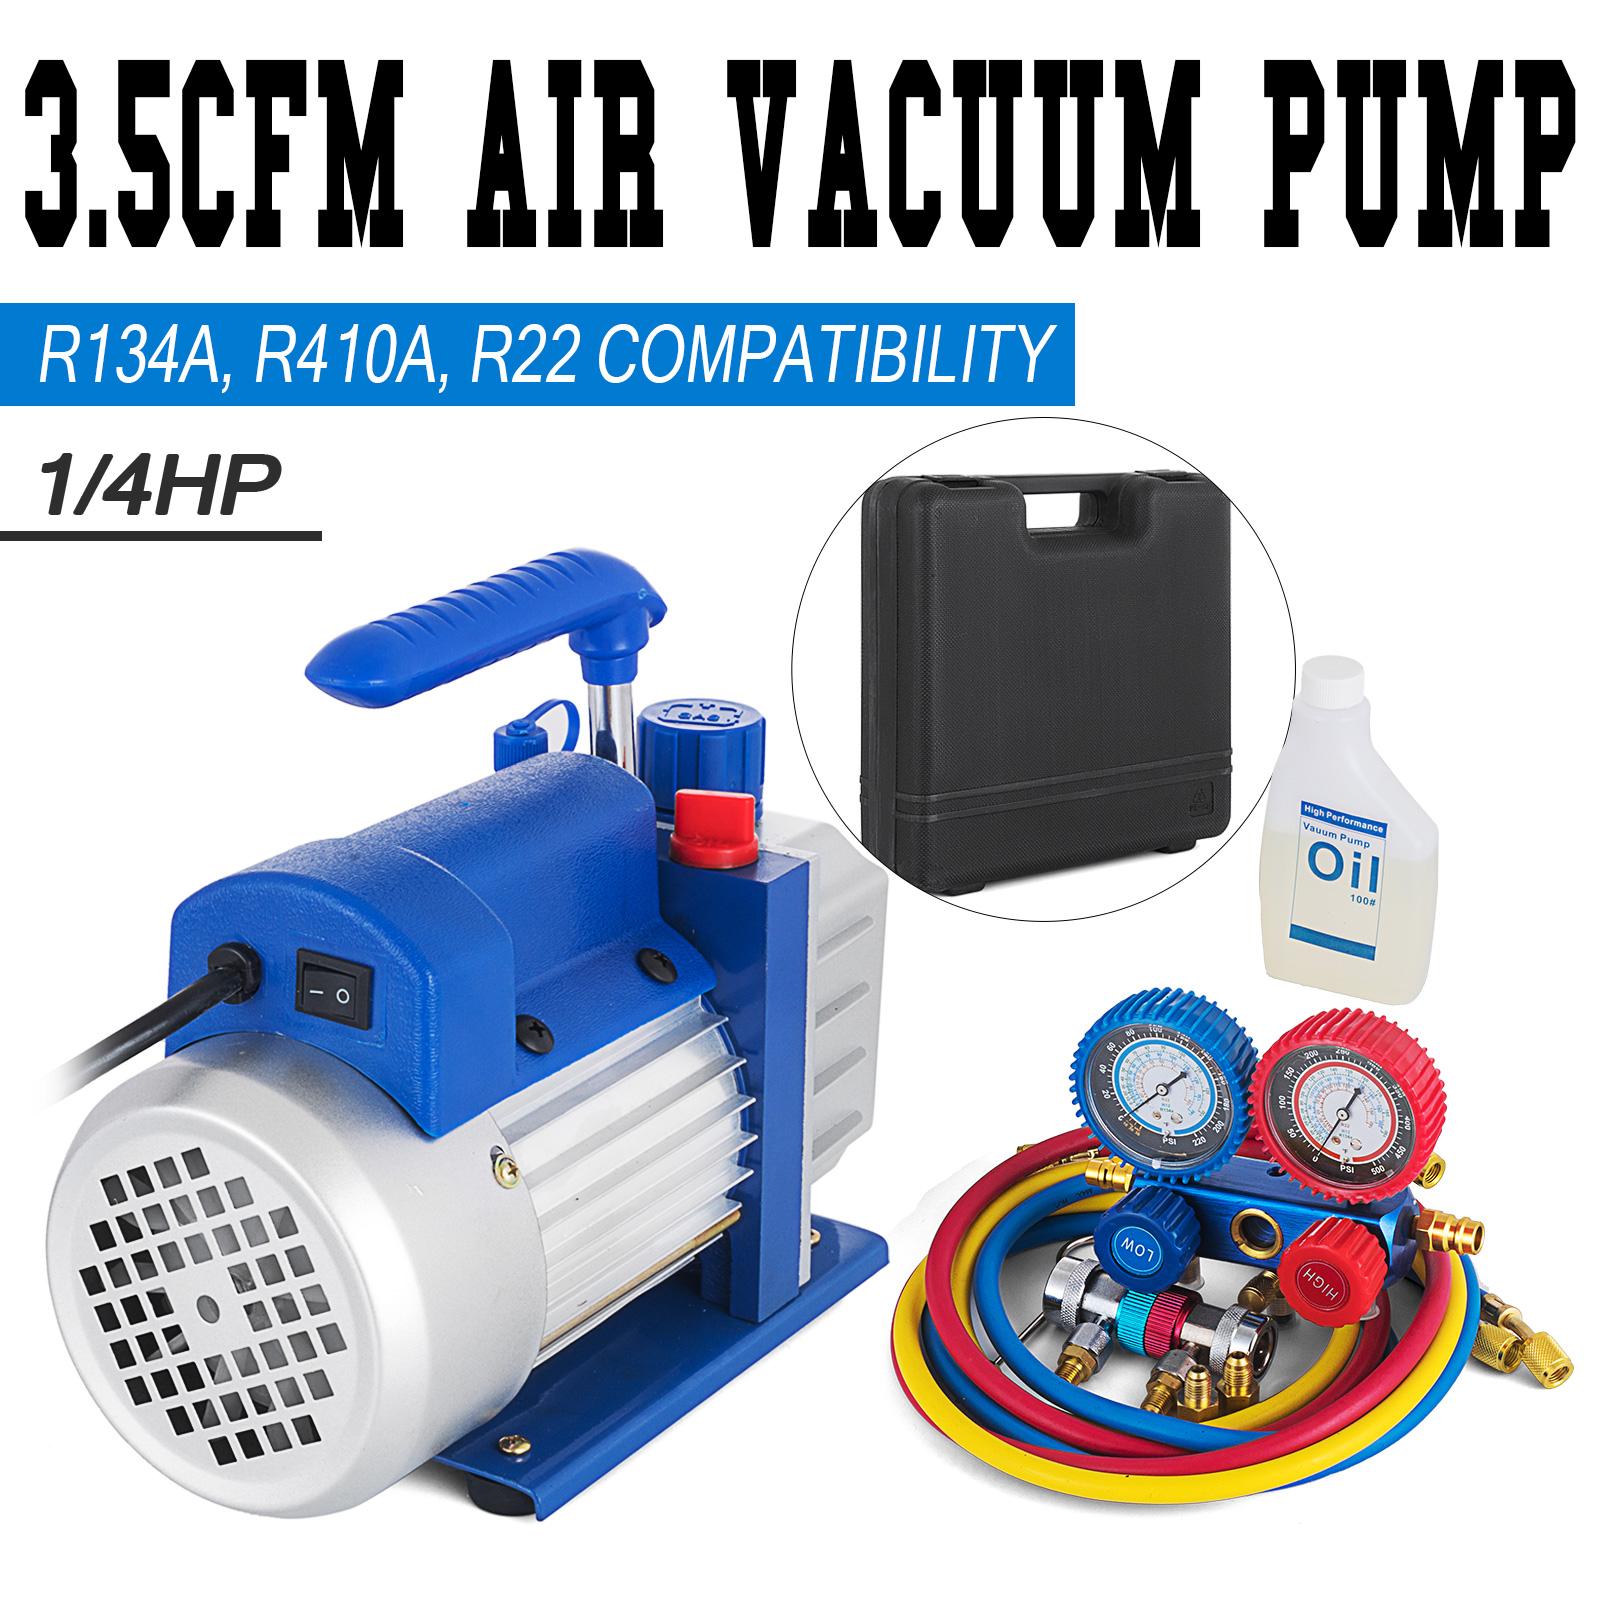 Details about Combo 3,5CFM 1/4HP Air Vacuum Pump HVAC + R134A Kit AC A/C  Manifold Gauge Set